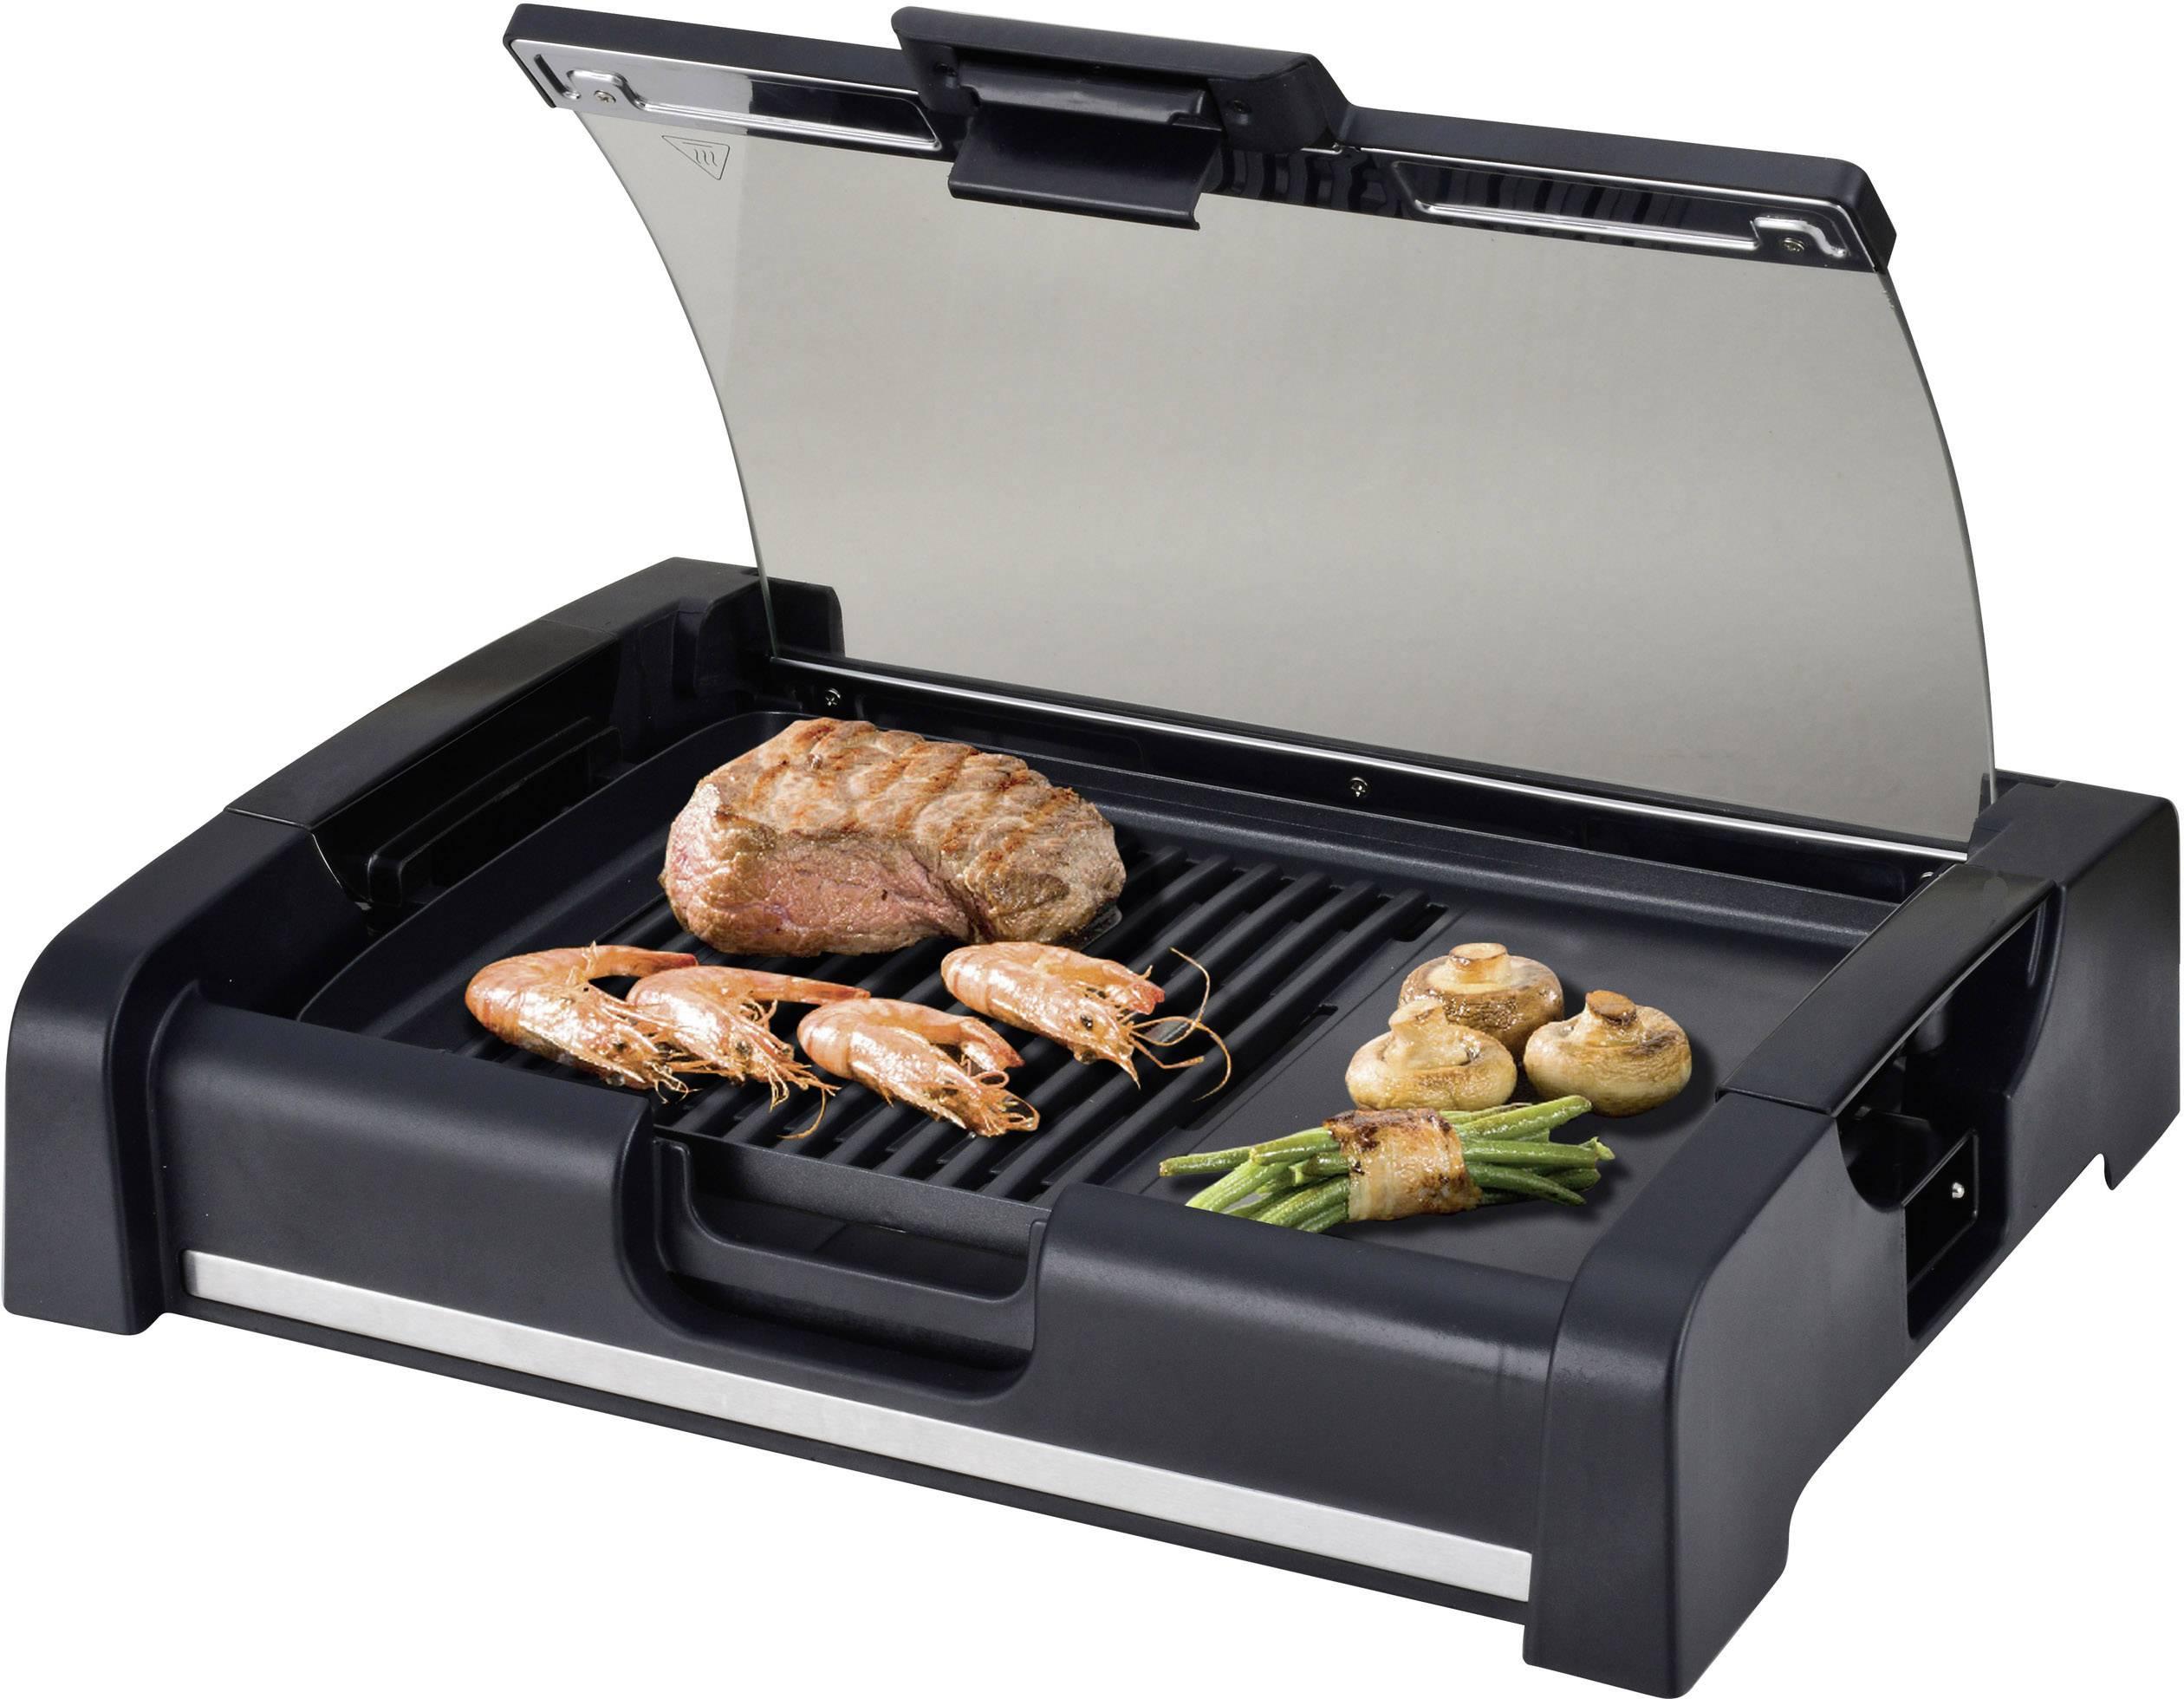 Tisch Elektrogrill Severin Kg 2397 : Silva homeline bq g elektro tisch grill mit glasdeckel schwarz